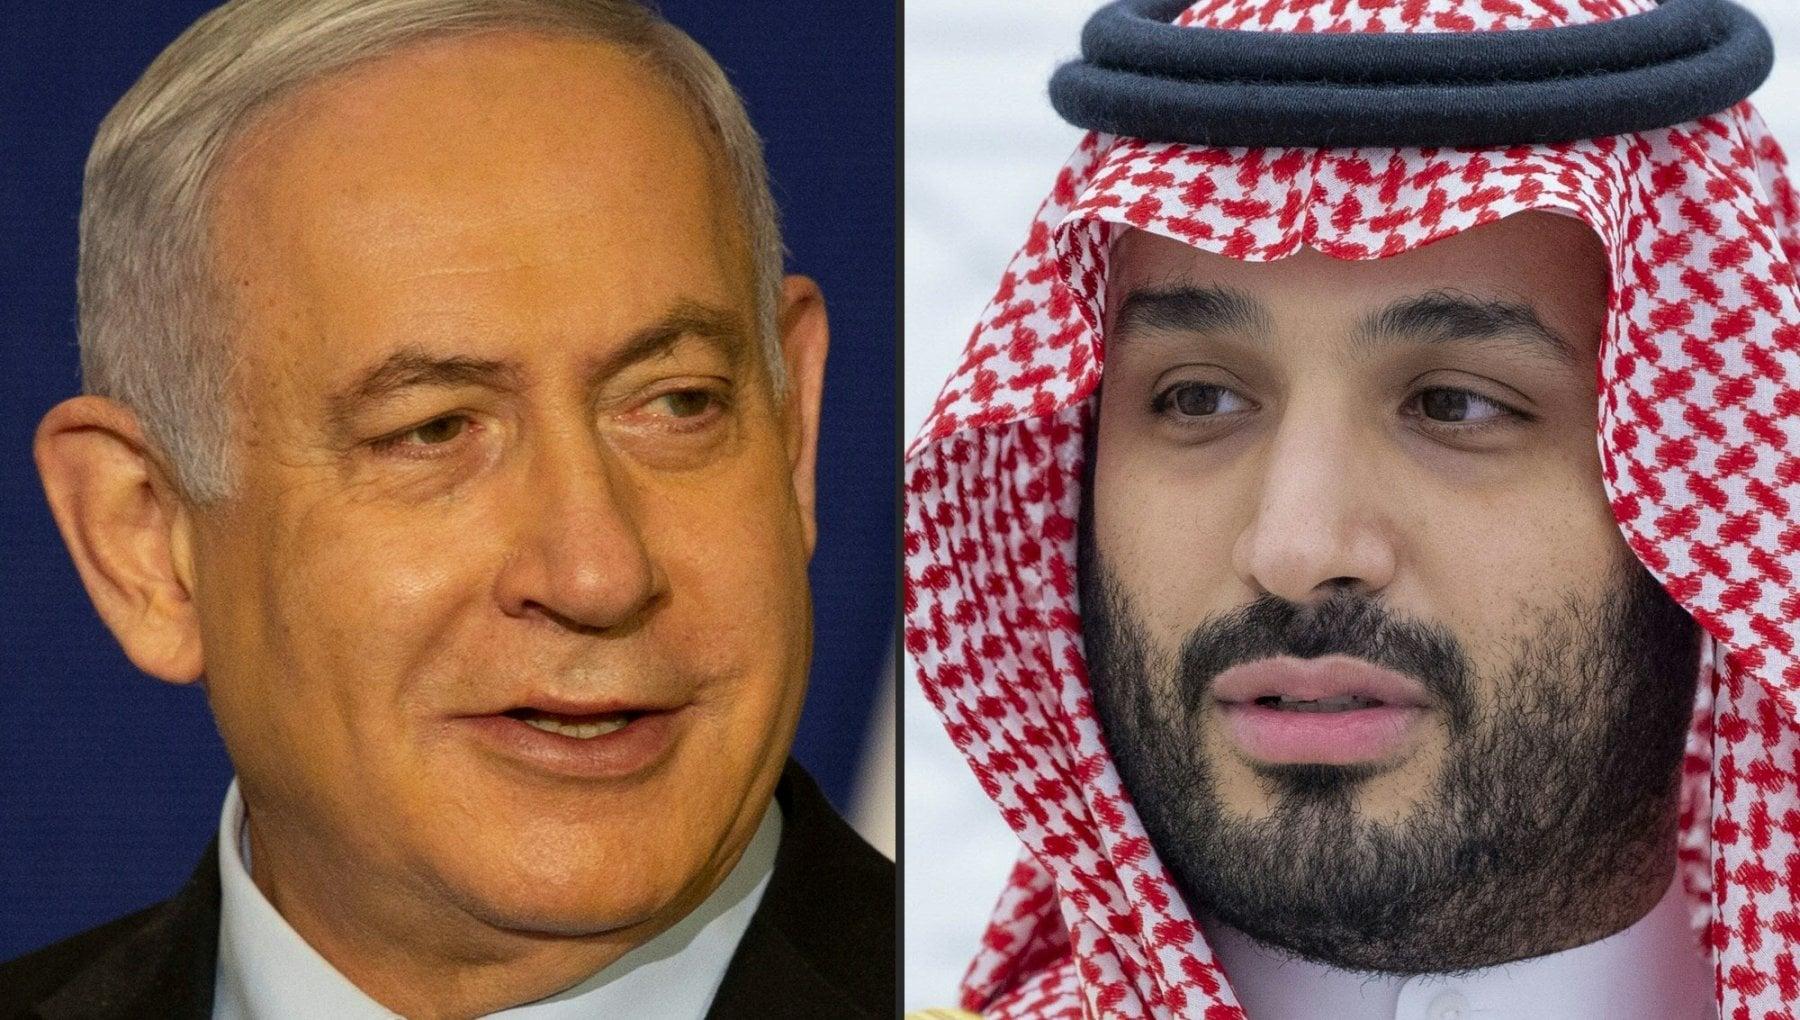 Israele viaggio lampo di Netanyahu in Arabia Saudita con Pompeo da Mohammed bin Salman